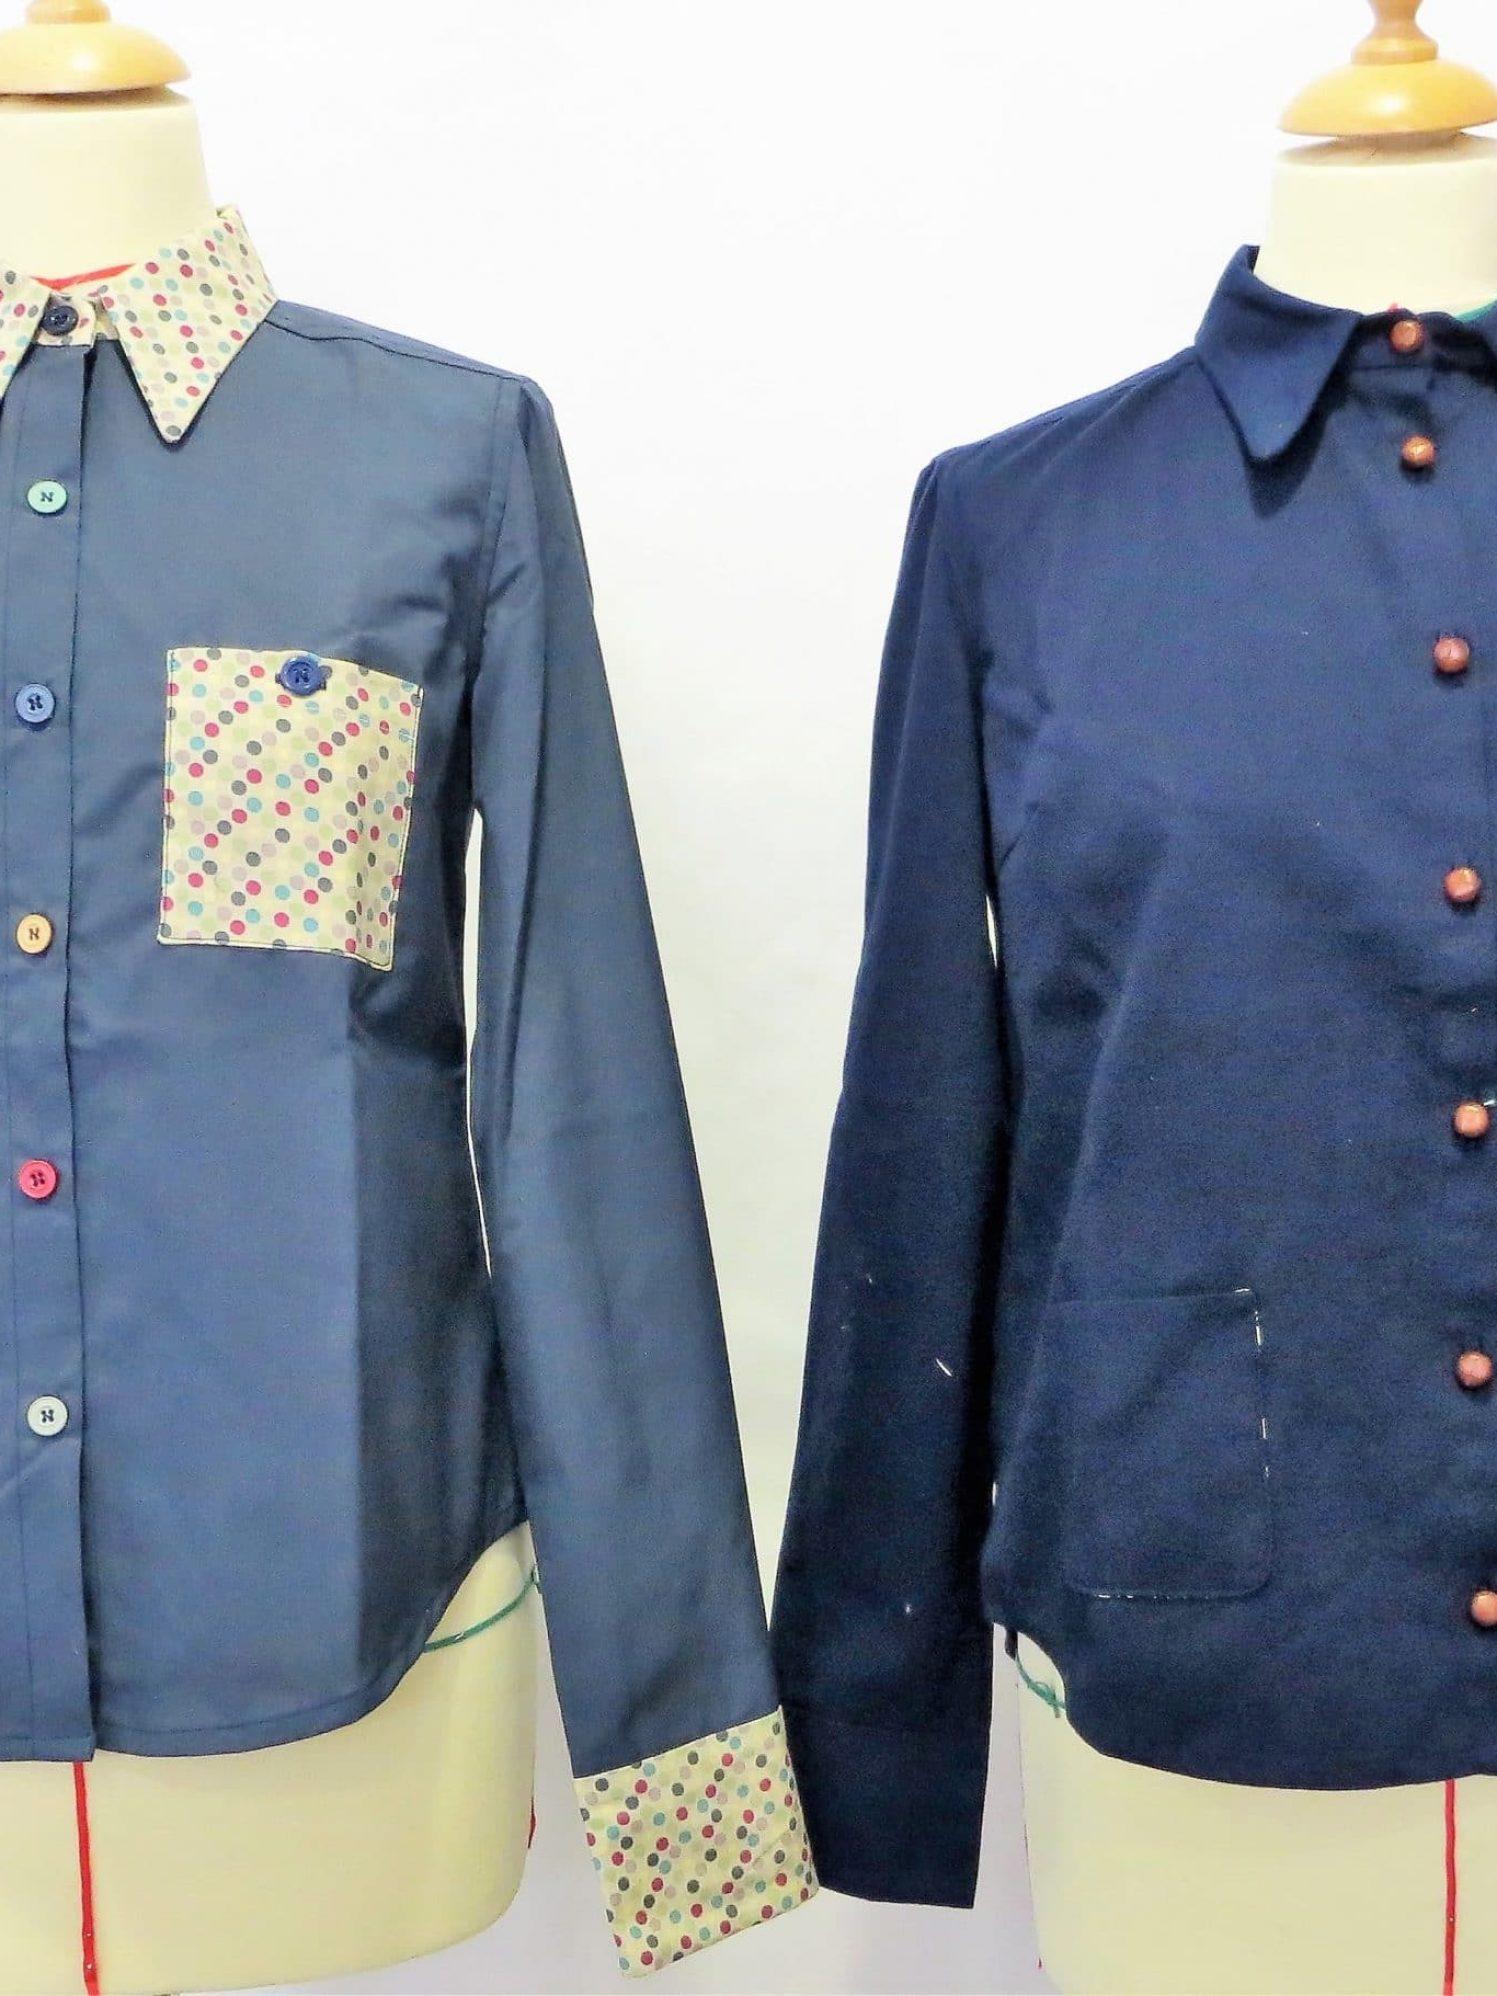 Chemises bleues, manches longues, poche plaquée